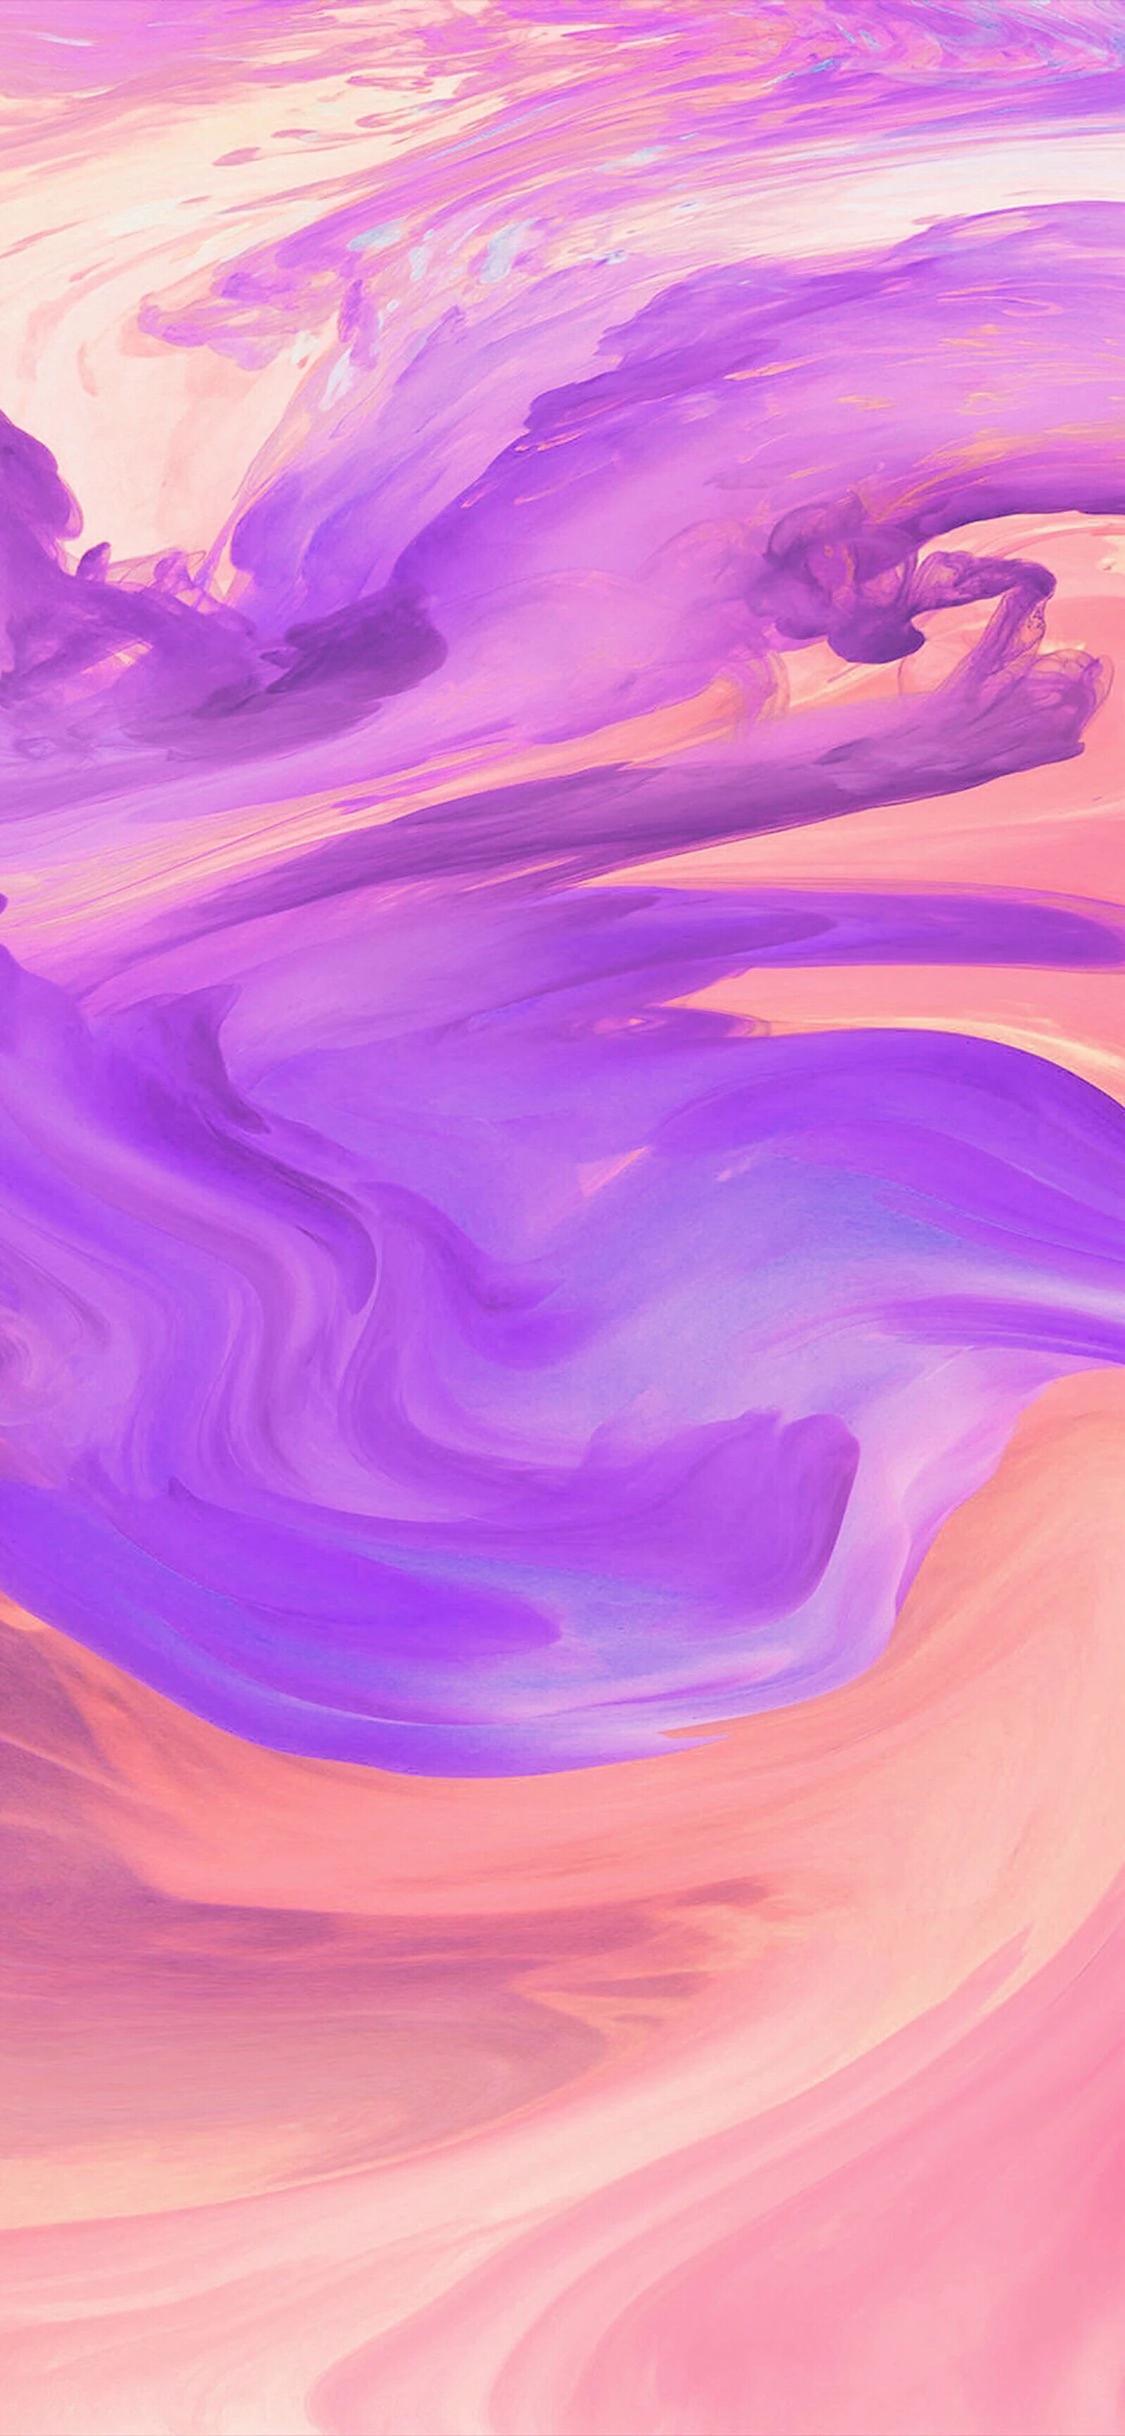 色彩渲染紫色黄色苹果手机高清壁纸1125x2436 Betway手机版 首页